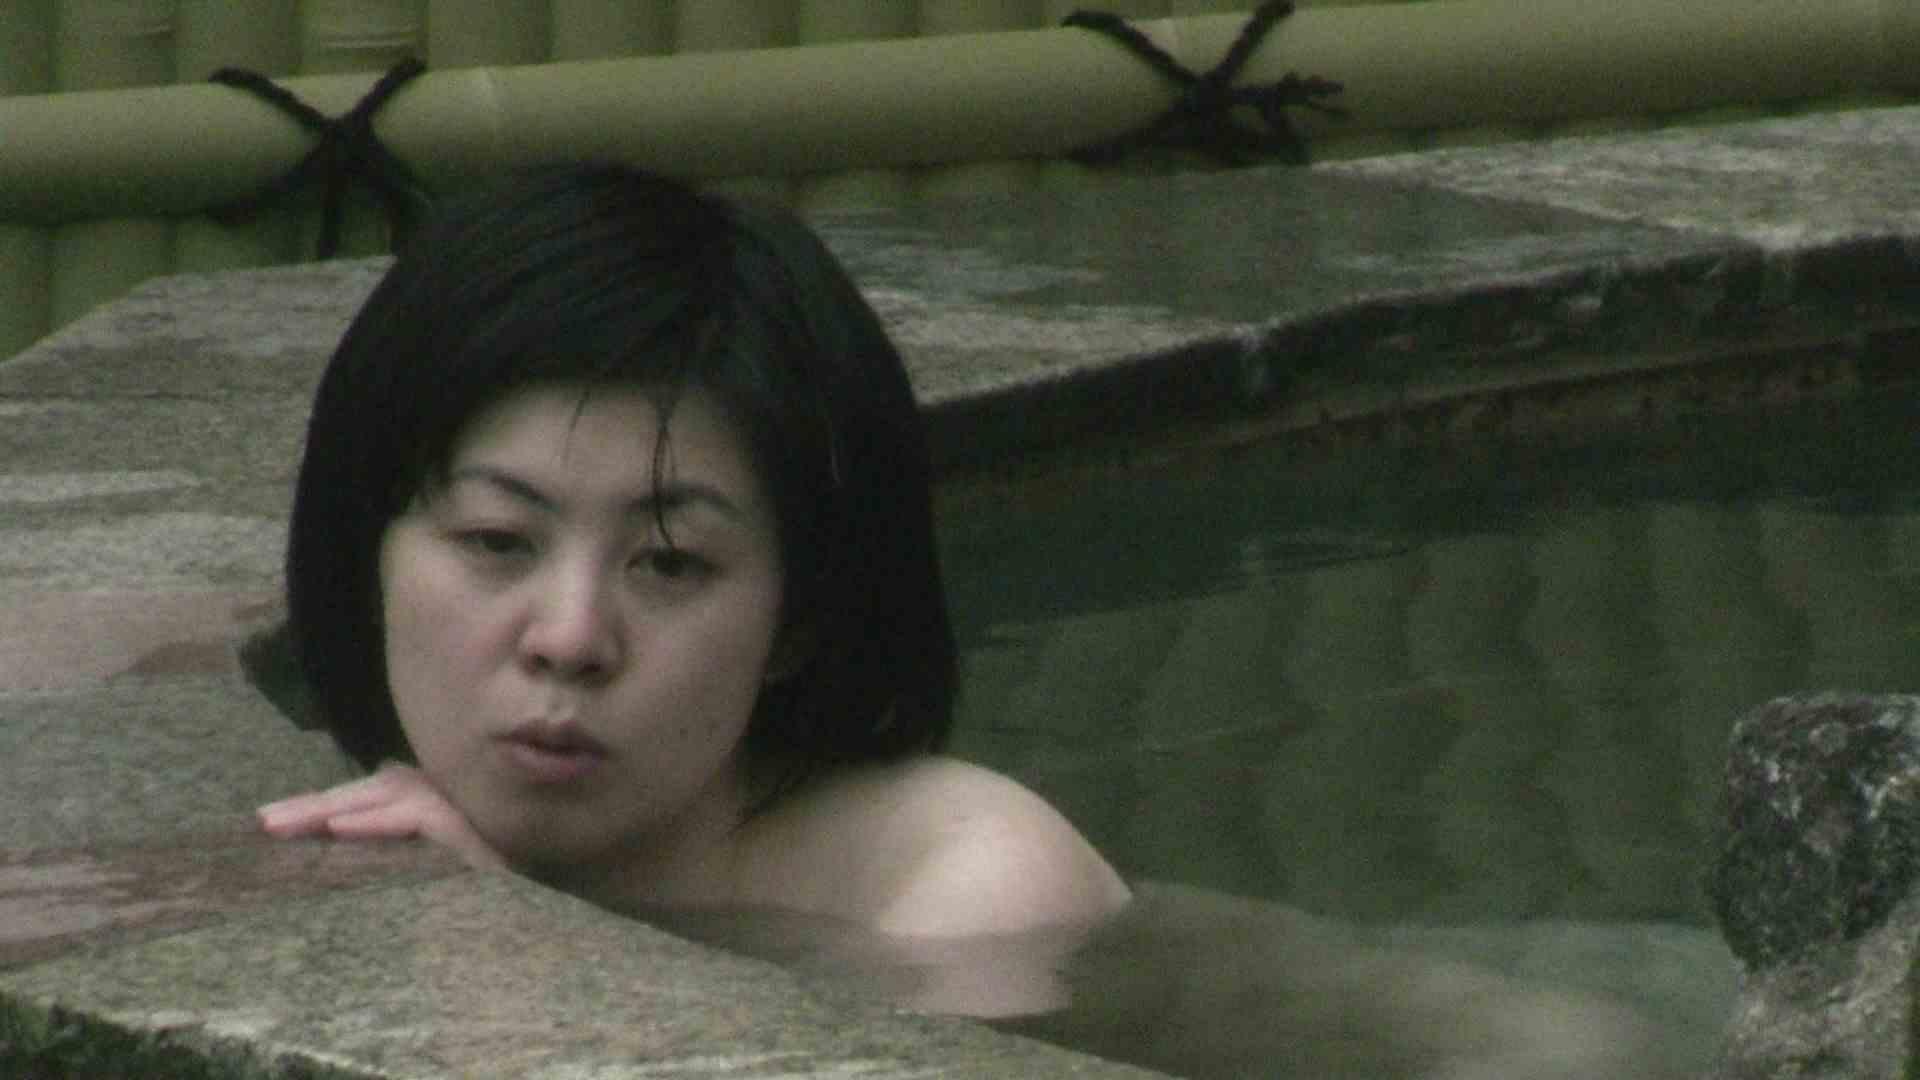 Aquaな露天風呂Vol.685 美しいOLの裸体 スケベ動画紹介 88pic 50